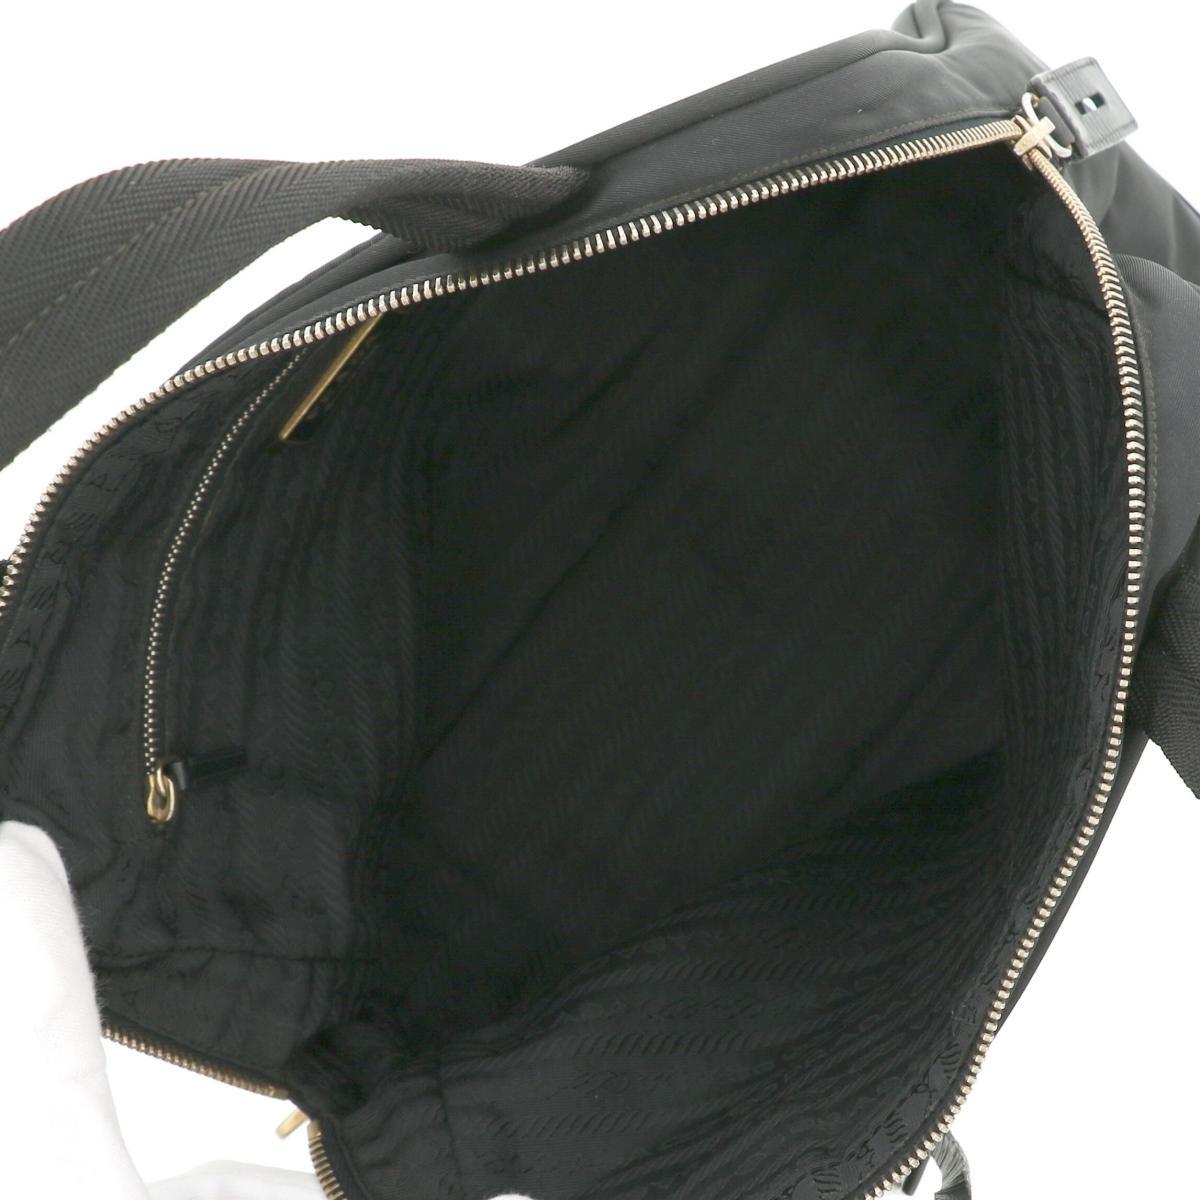 【中古】 PRADA (プラダ) ハンドバッグ バッグ ハンドバッグ ハンドバッグ ブラック